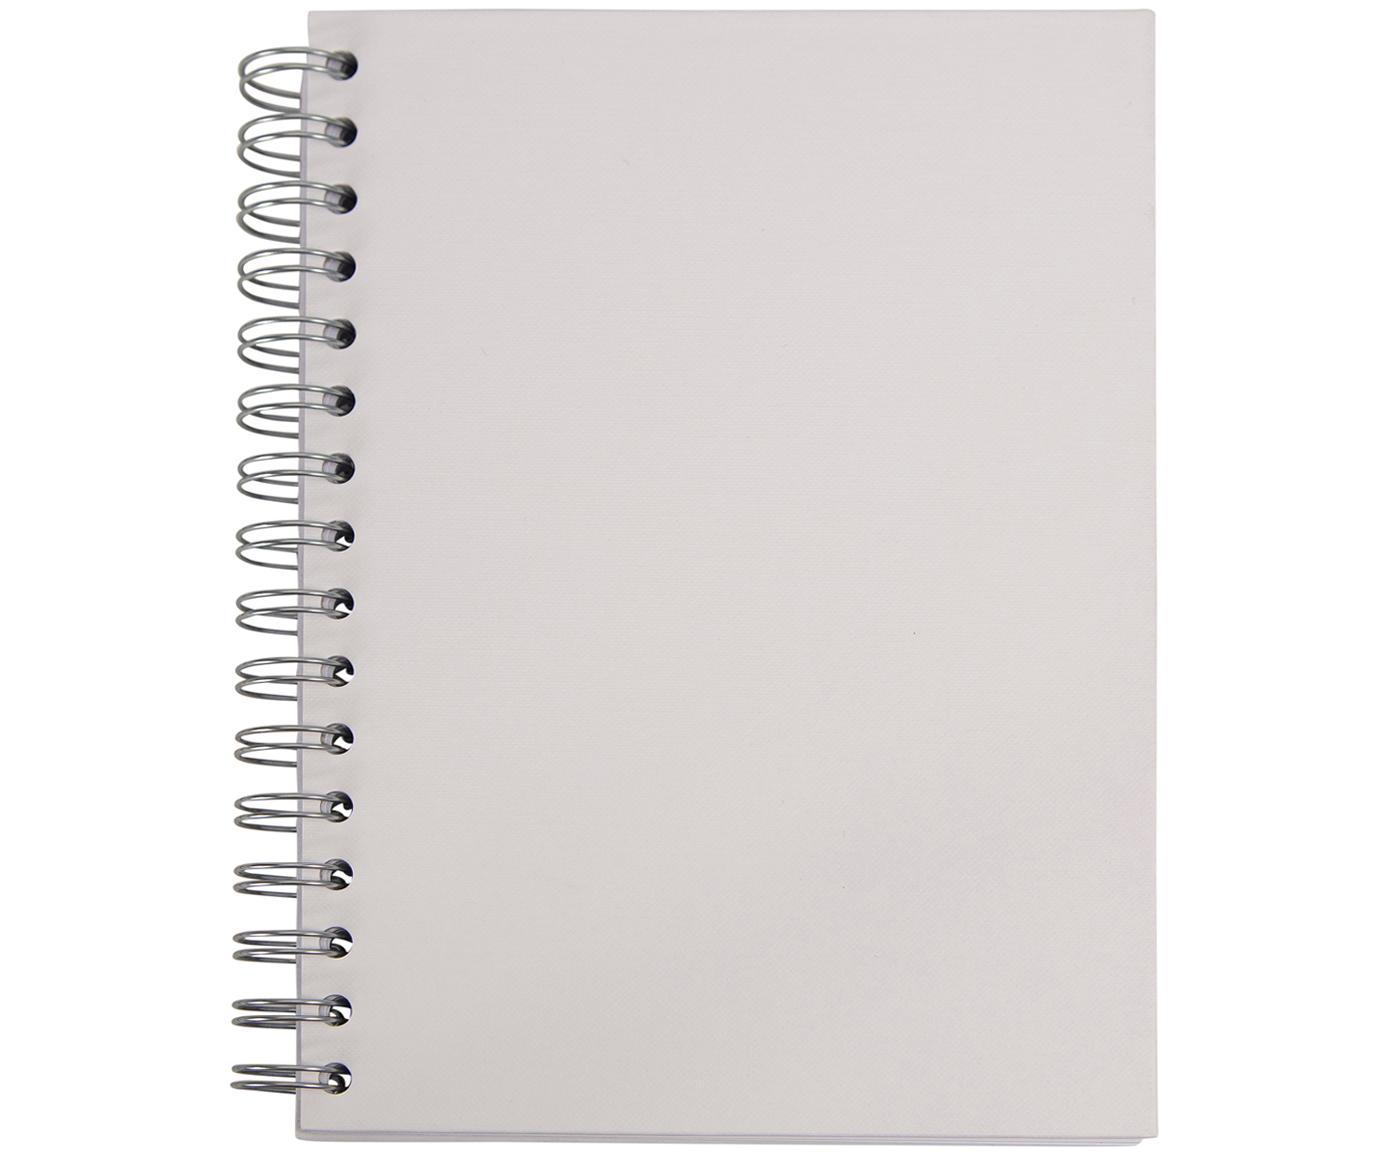 Notizbuch Bürli, Weiss, 16 x 21 cm